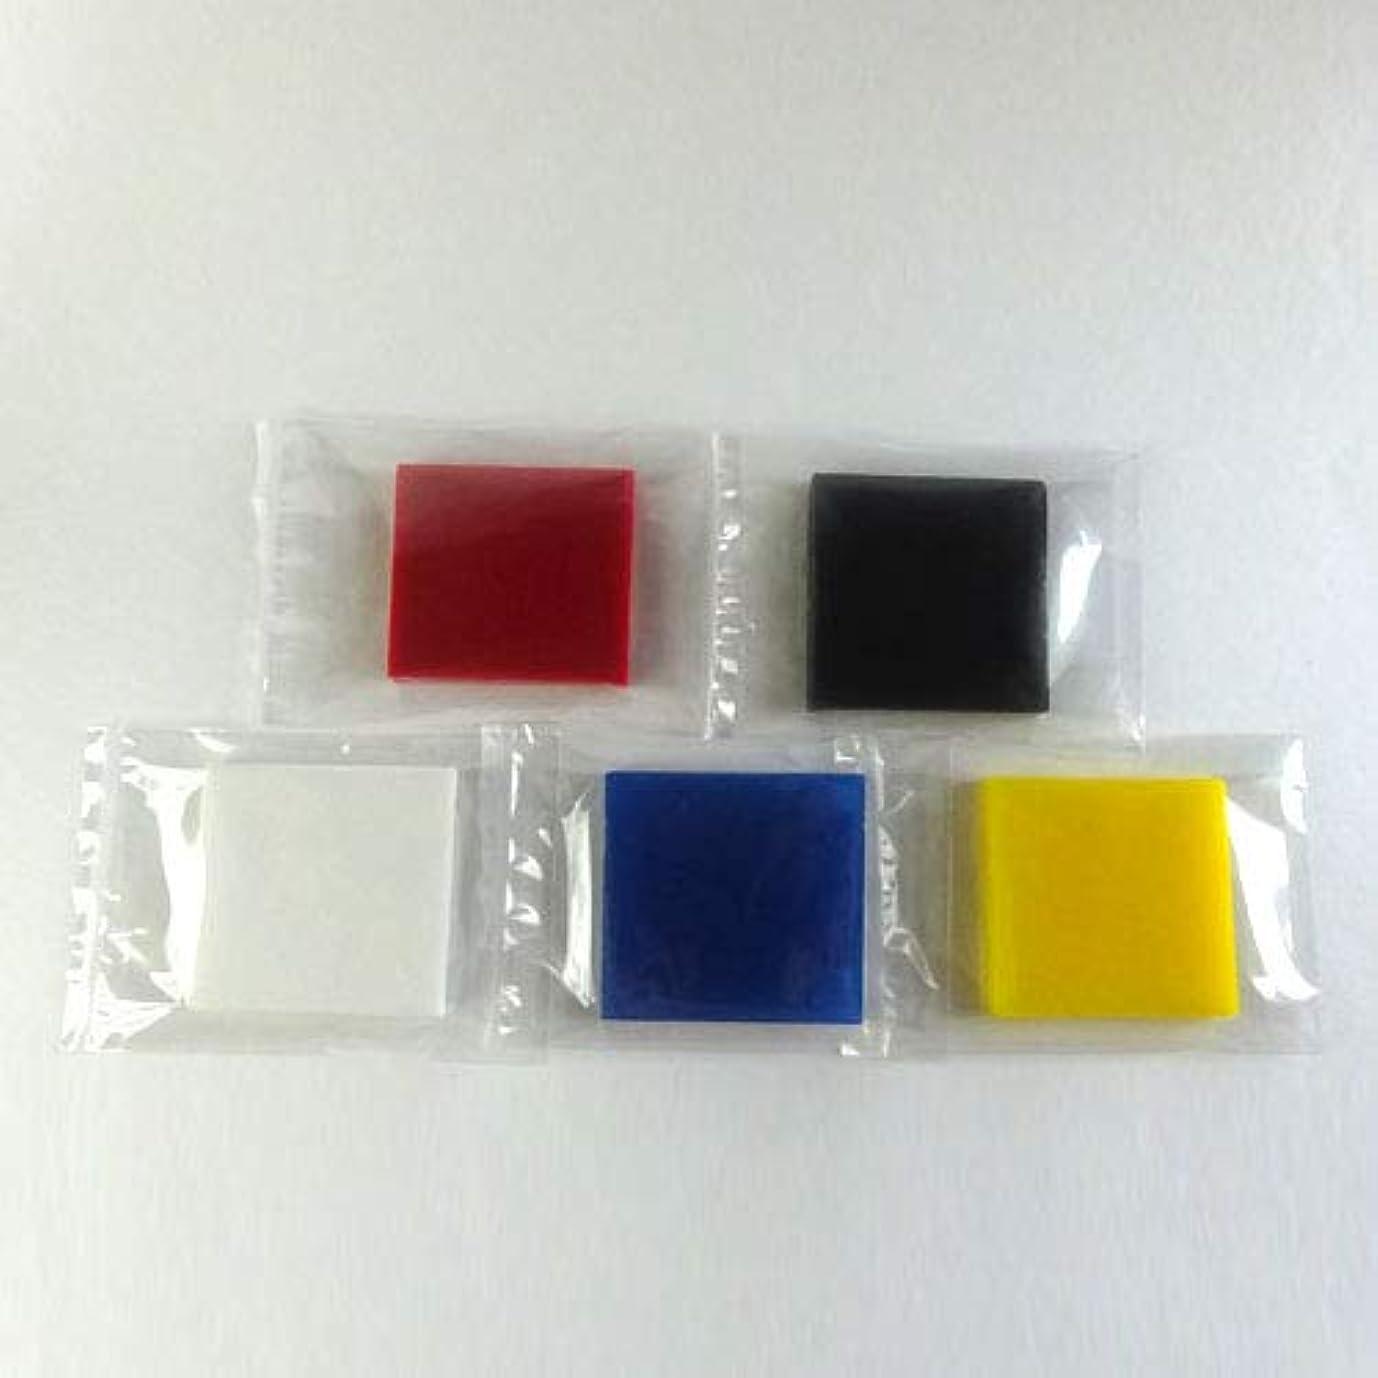 前売タイムリーなコーチグリセリンソープ MPソープ 色チップ 5色(赤?青?黄?白?黒) 各30g